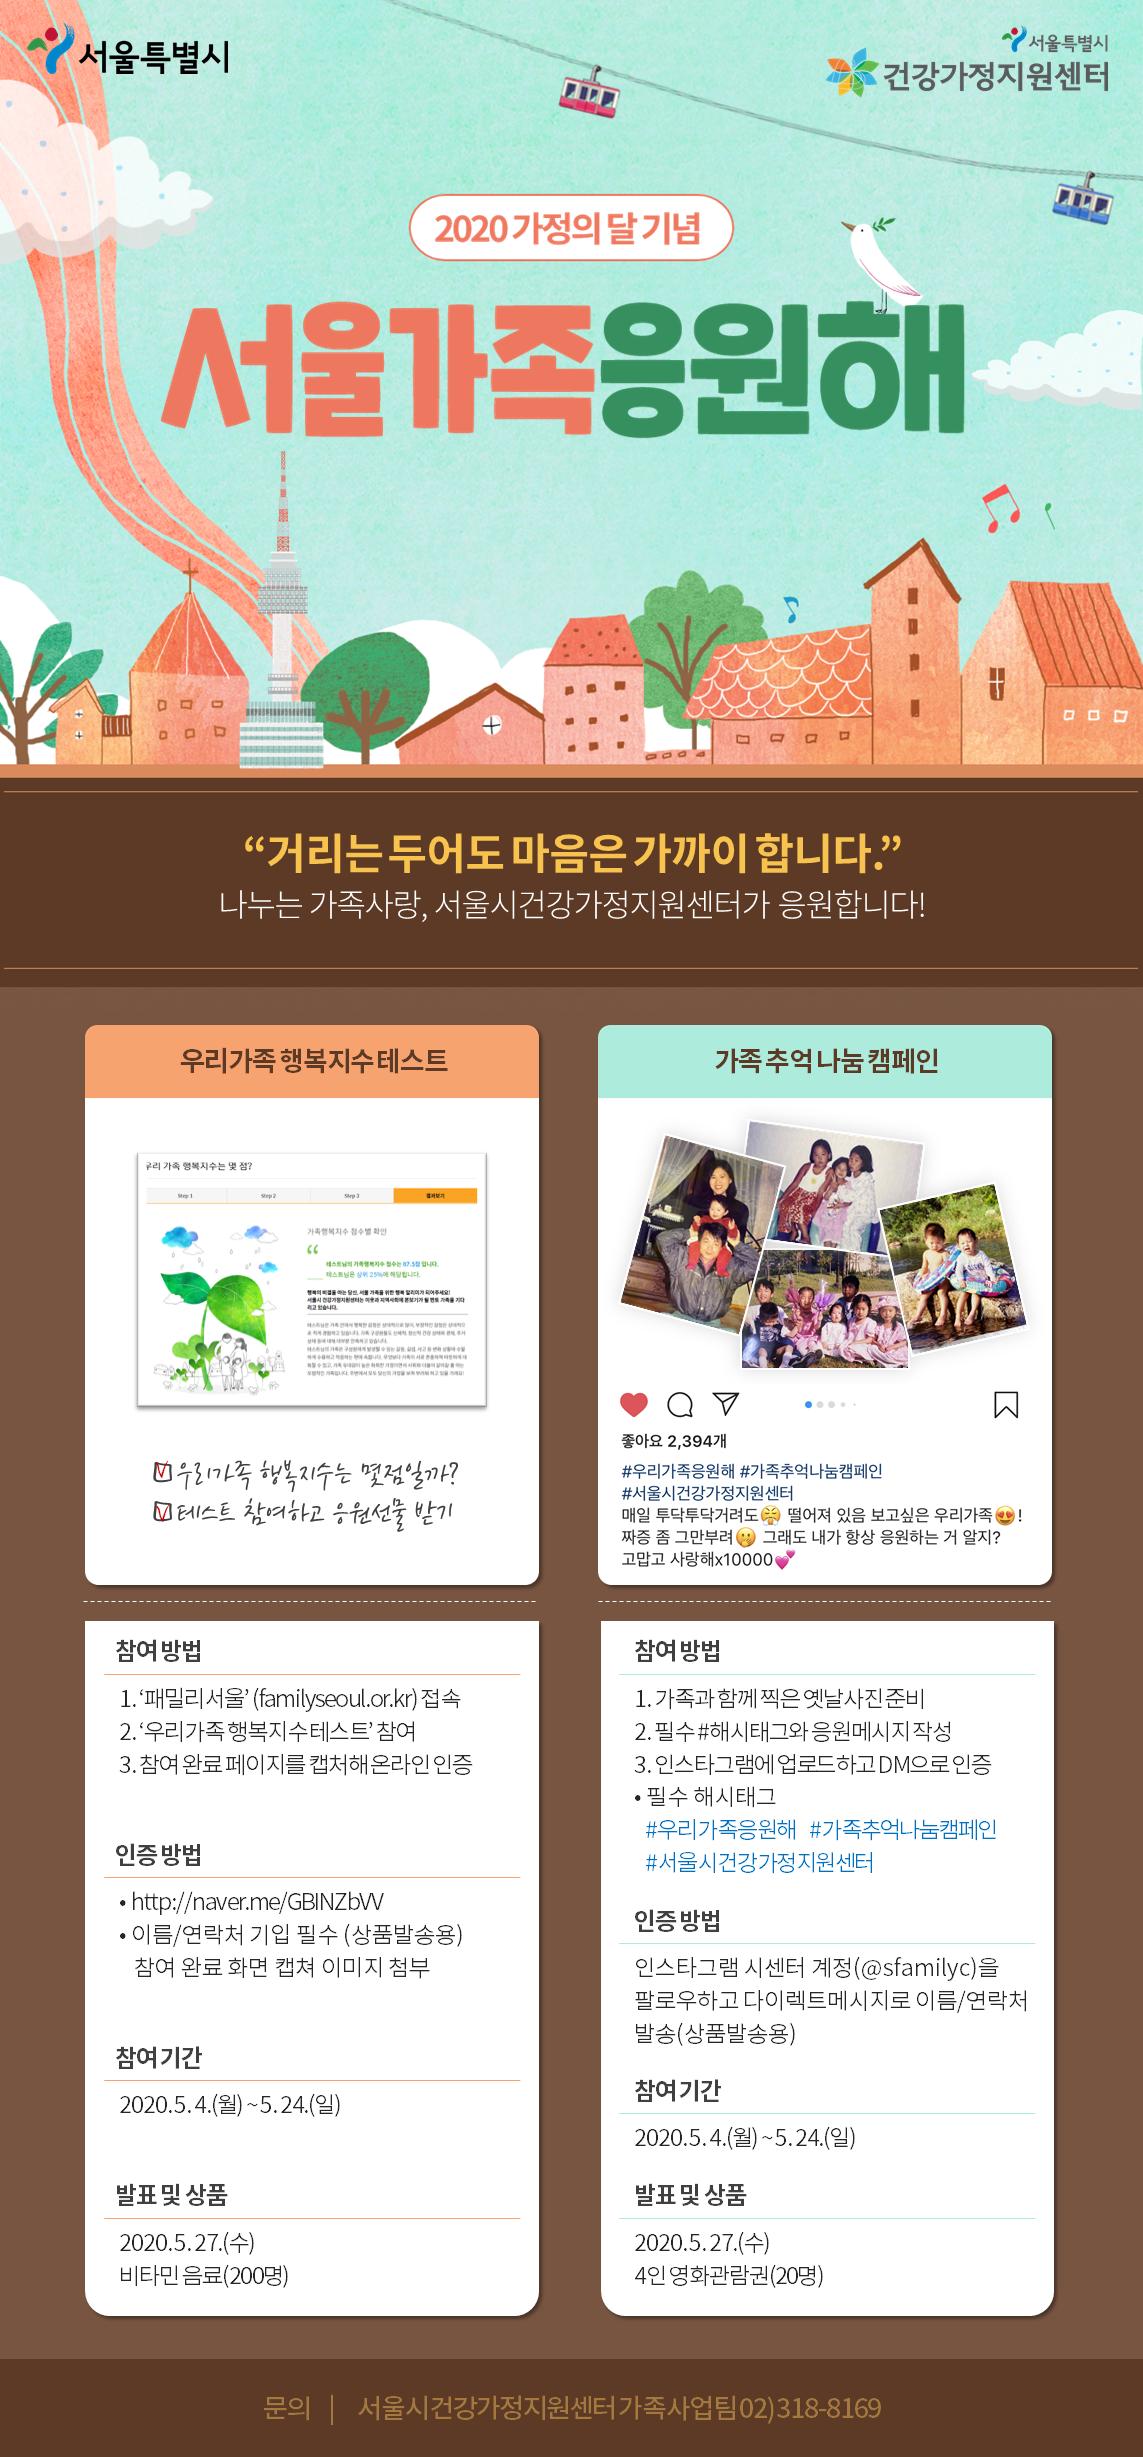 2020 가정의 달 기념 '서울가족응원해' 캠페인